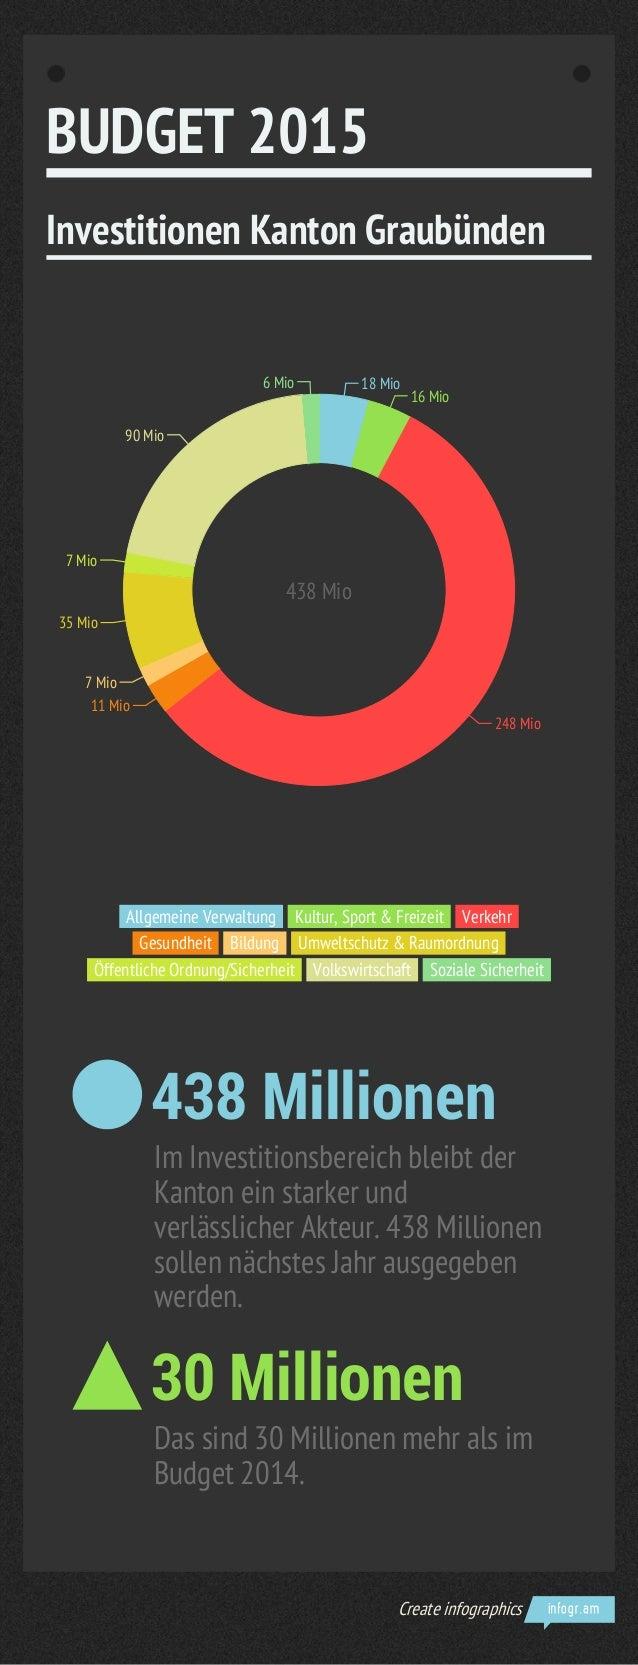 BUDGET 2015  Investitionen Kanton Graubünden  18 Mio  16 Mio  248 Mio  7 Mio  35 Mio  7 Mio  90 Mio  11 Mio  6 Mio  438 Mi...